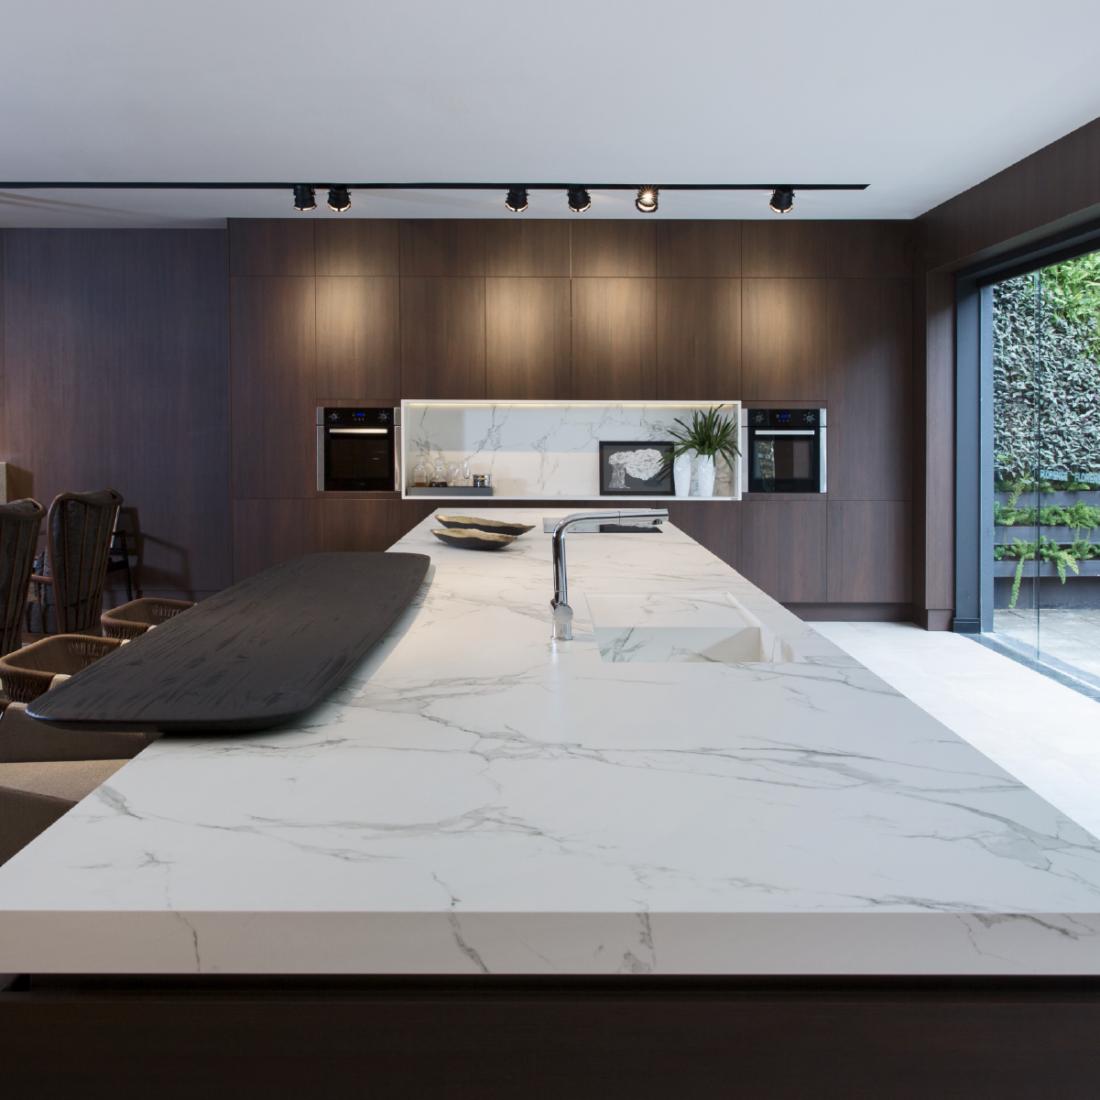 Image of Mesa de trabajo 6@2x in Cocinas - Cosentino